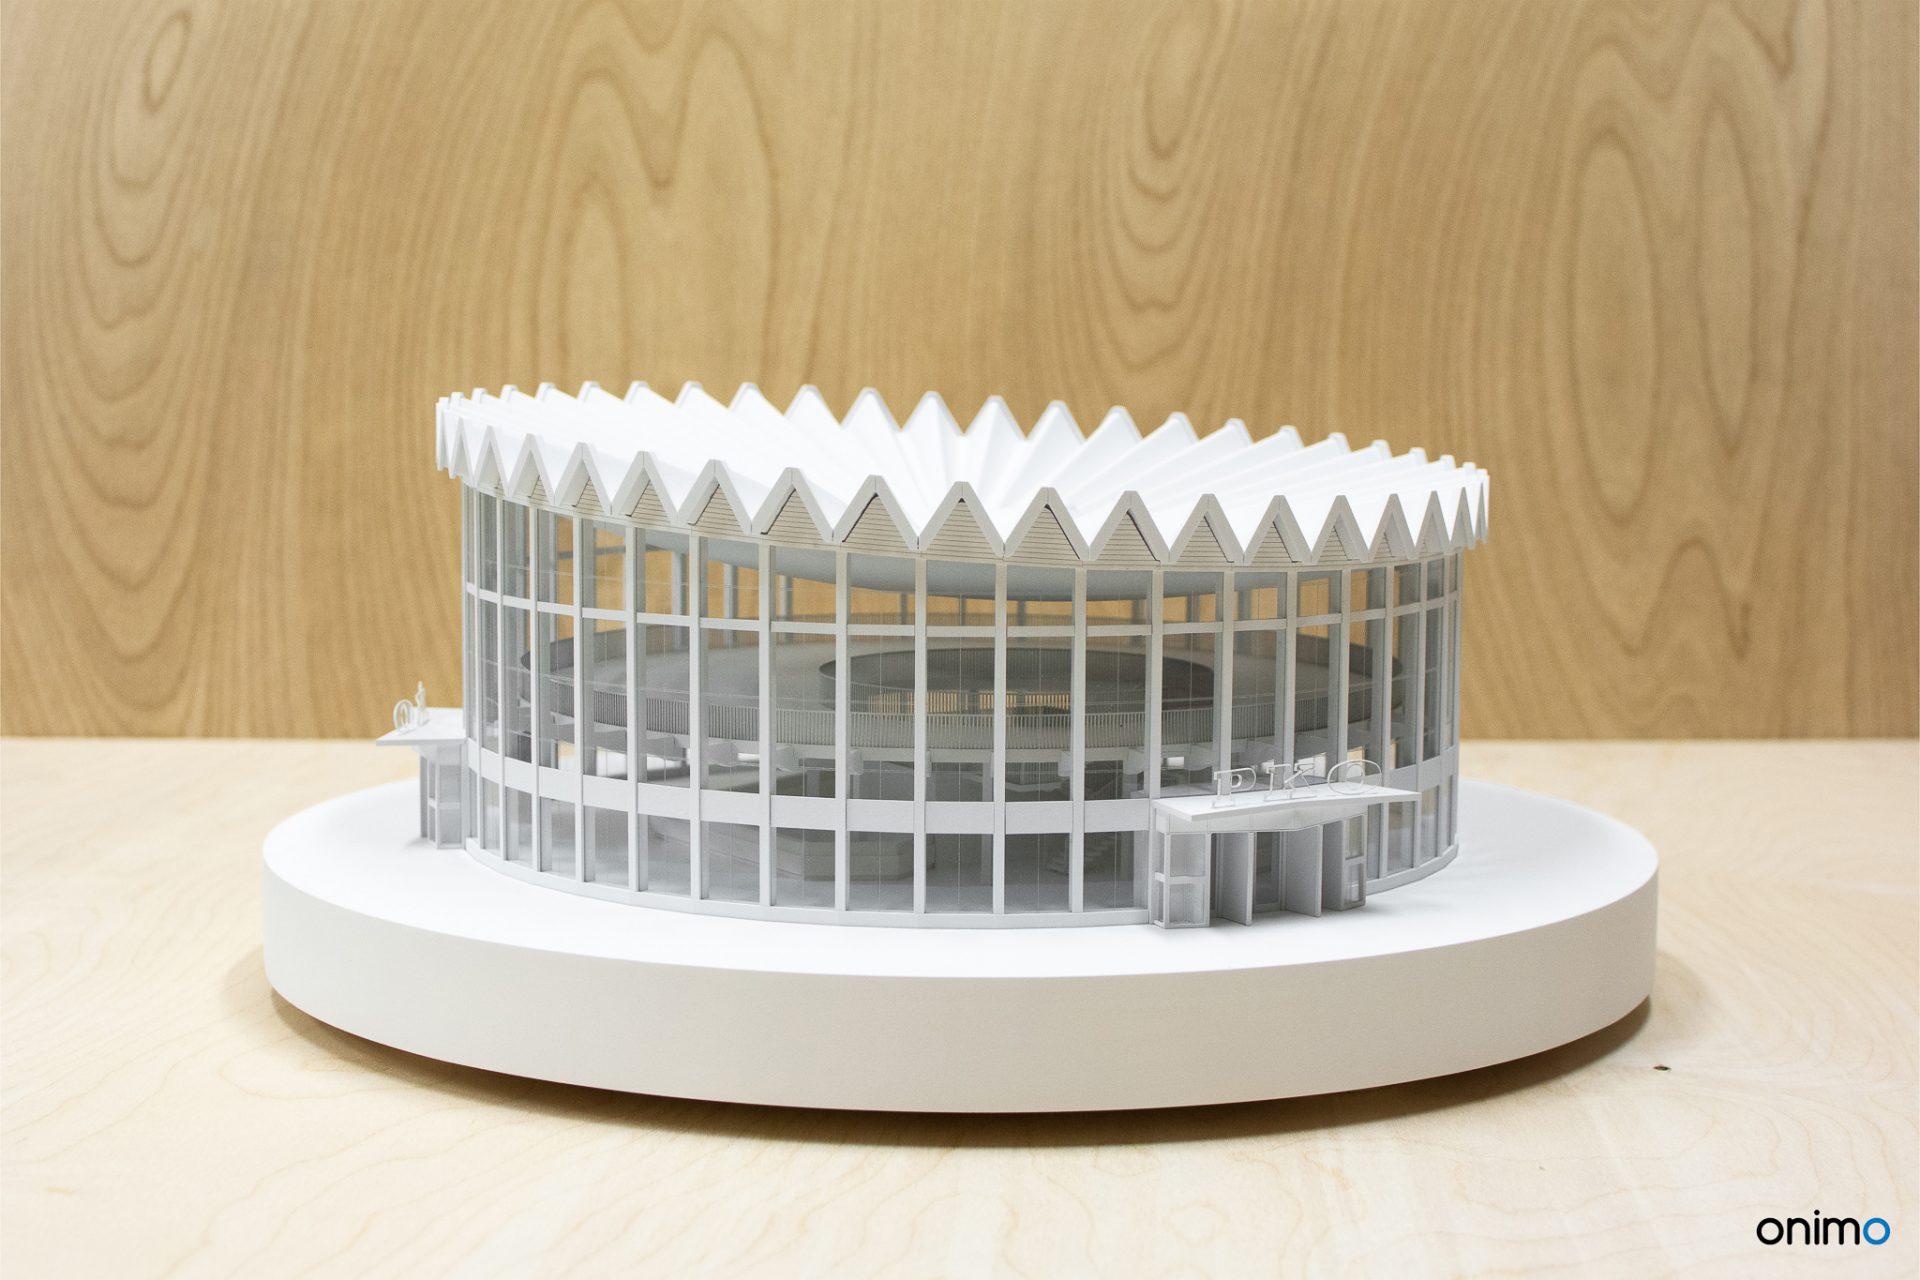 ROTUNDA | ŚCIANA WSCHODNIA | Onimo Makiety Architektoniczne | Modele Budynków | Model Rotundy